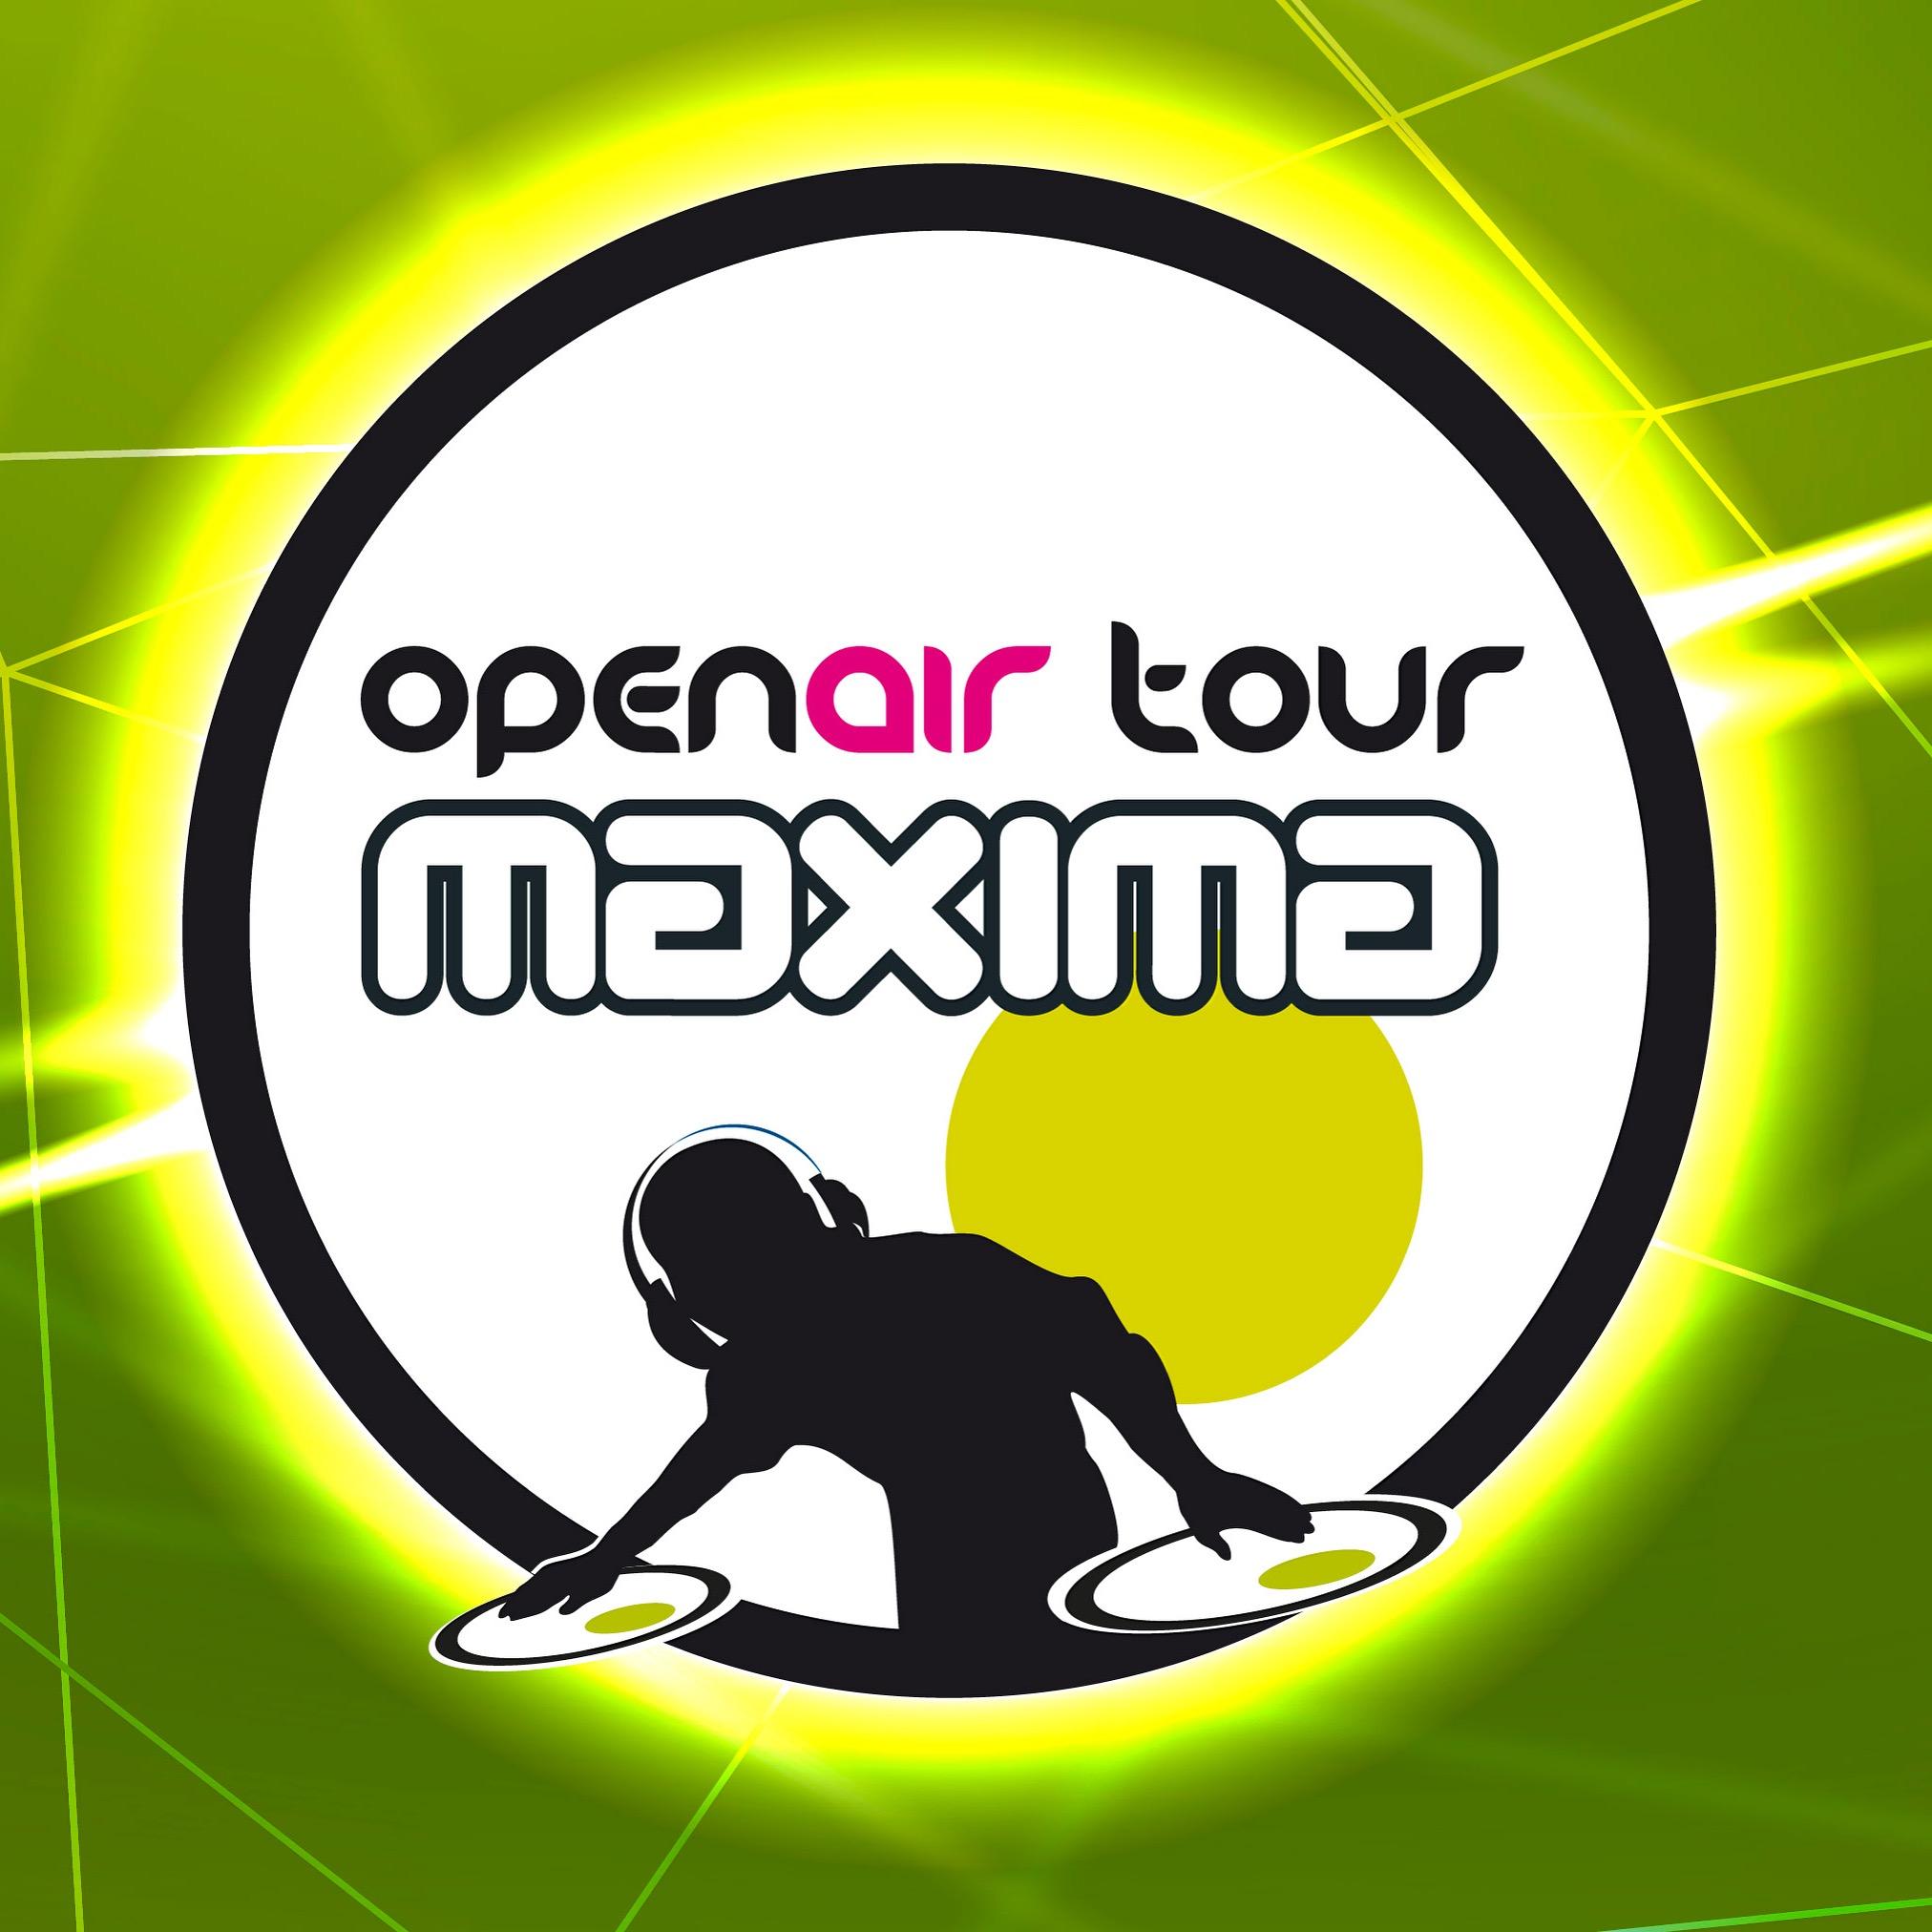 Consulta las fechas y ciudades de 'Maxima Open Air Tour 2016'